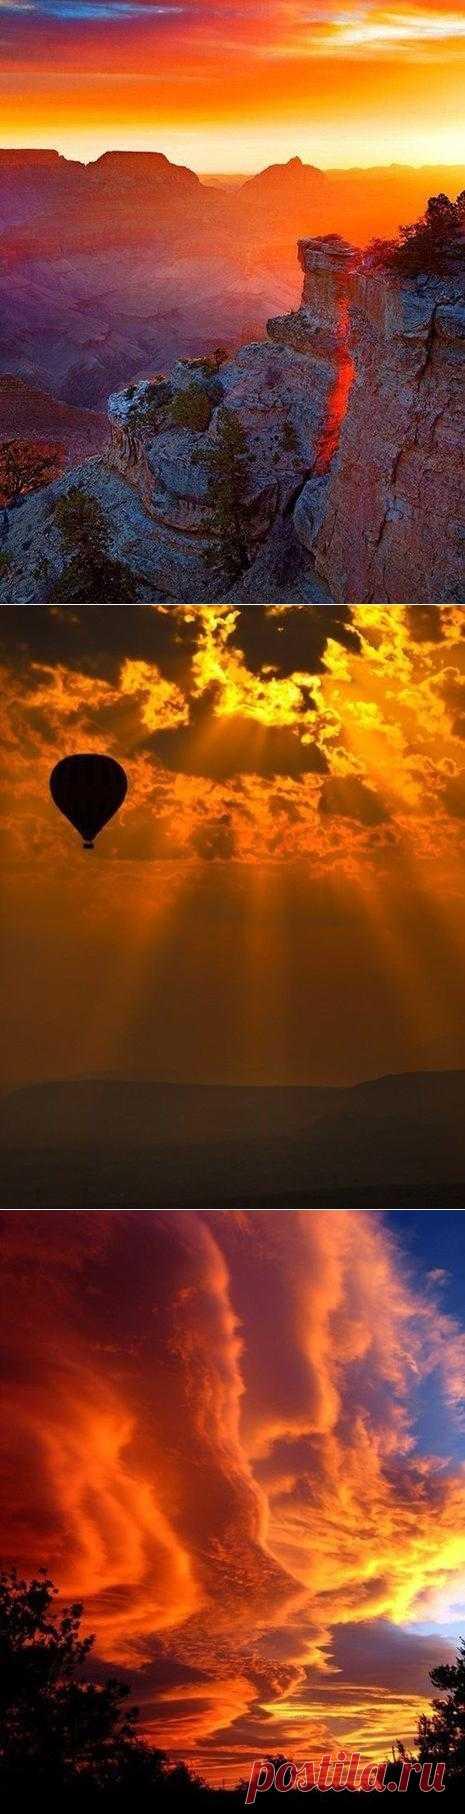 Безупречная красота закатного неба